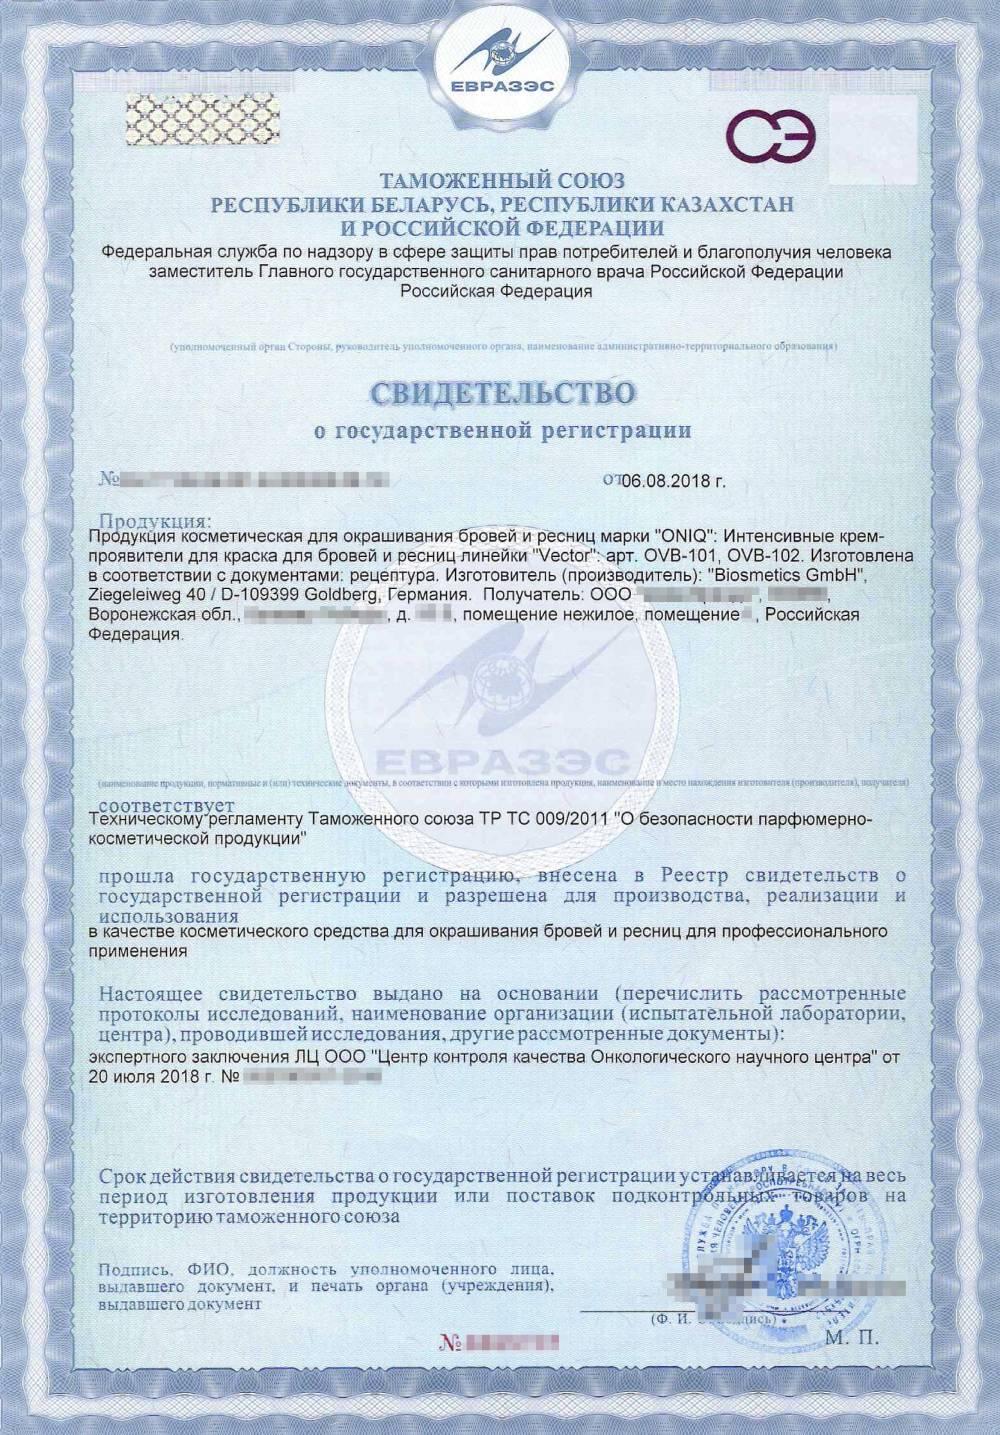 Свидетельство о госрегистрации заполняется на защищенном бланке с уникальным номером, печатью и подписью сотрудника Роспотребнадзора